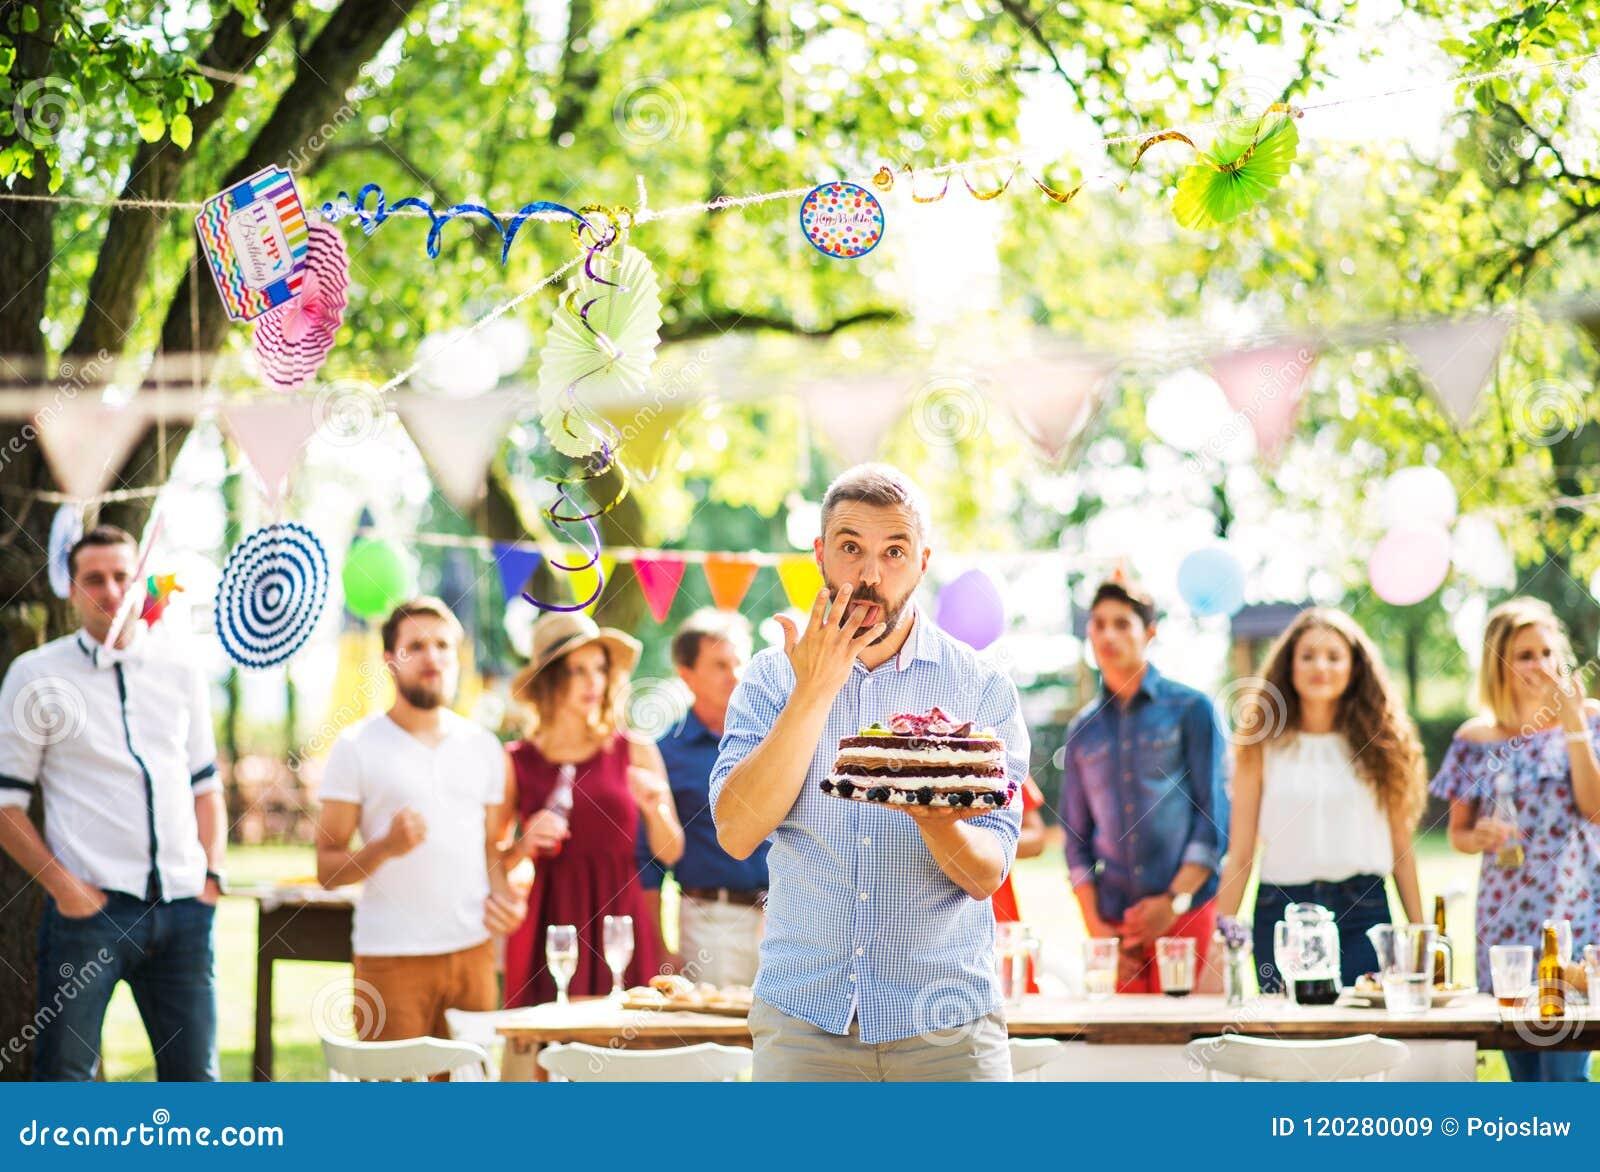 Homem com um bolo em uma celebração de família ou em um partido de jardim fora, lambendo seu dedo